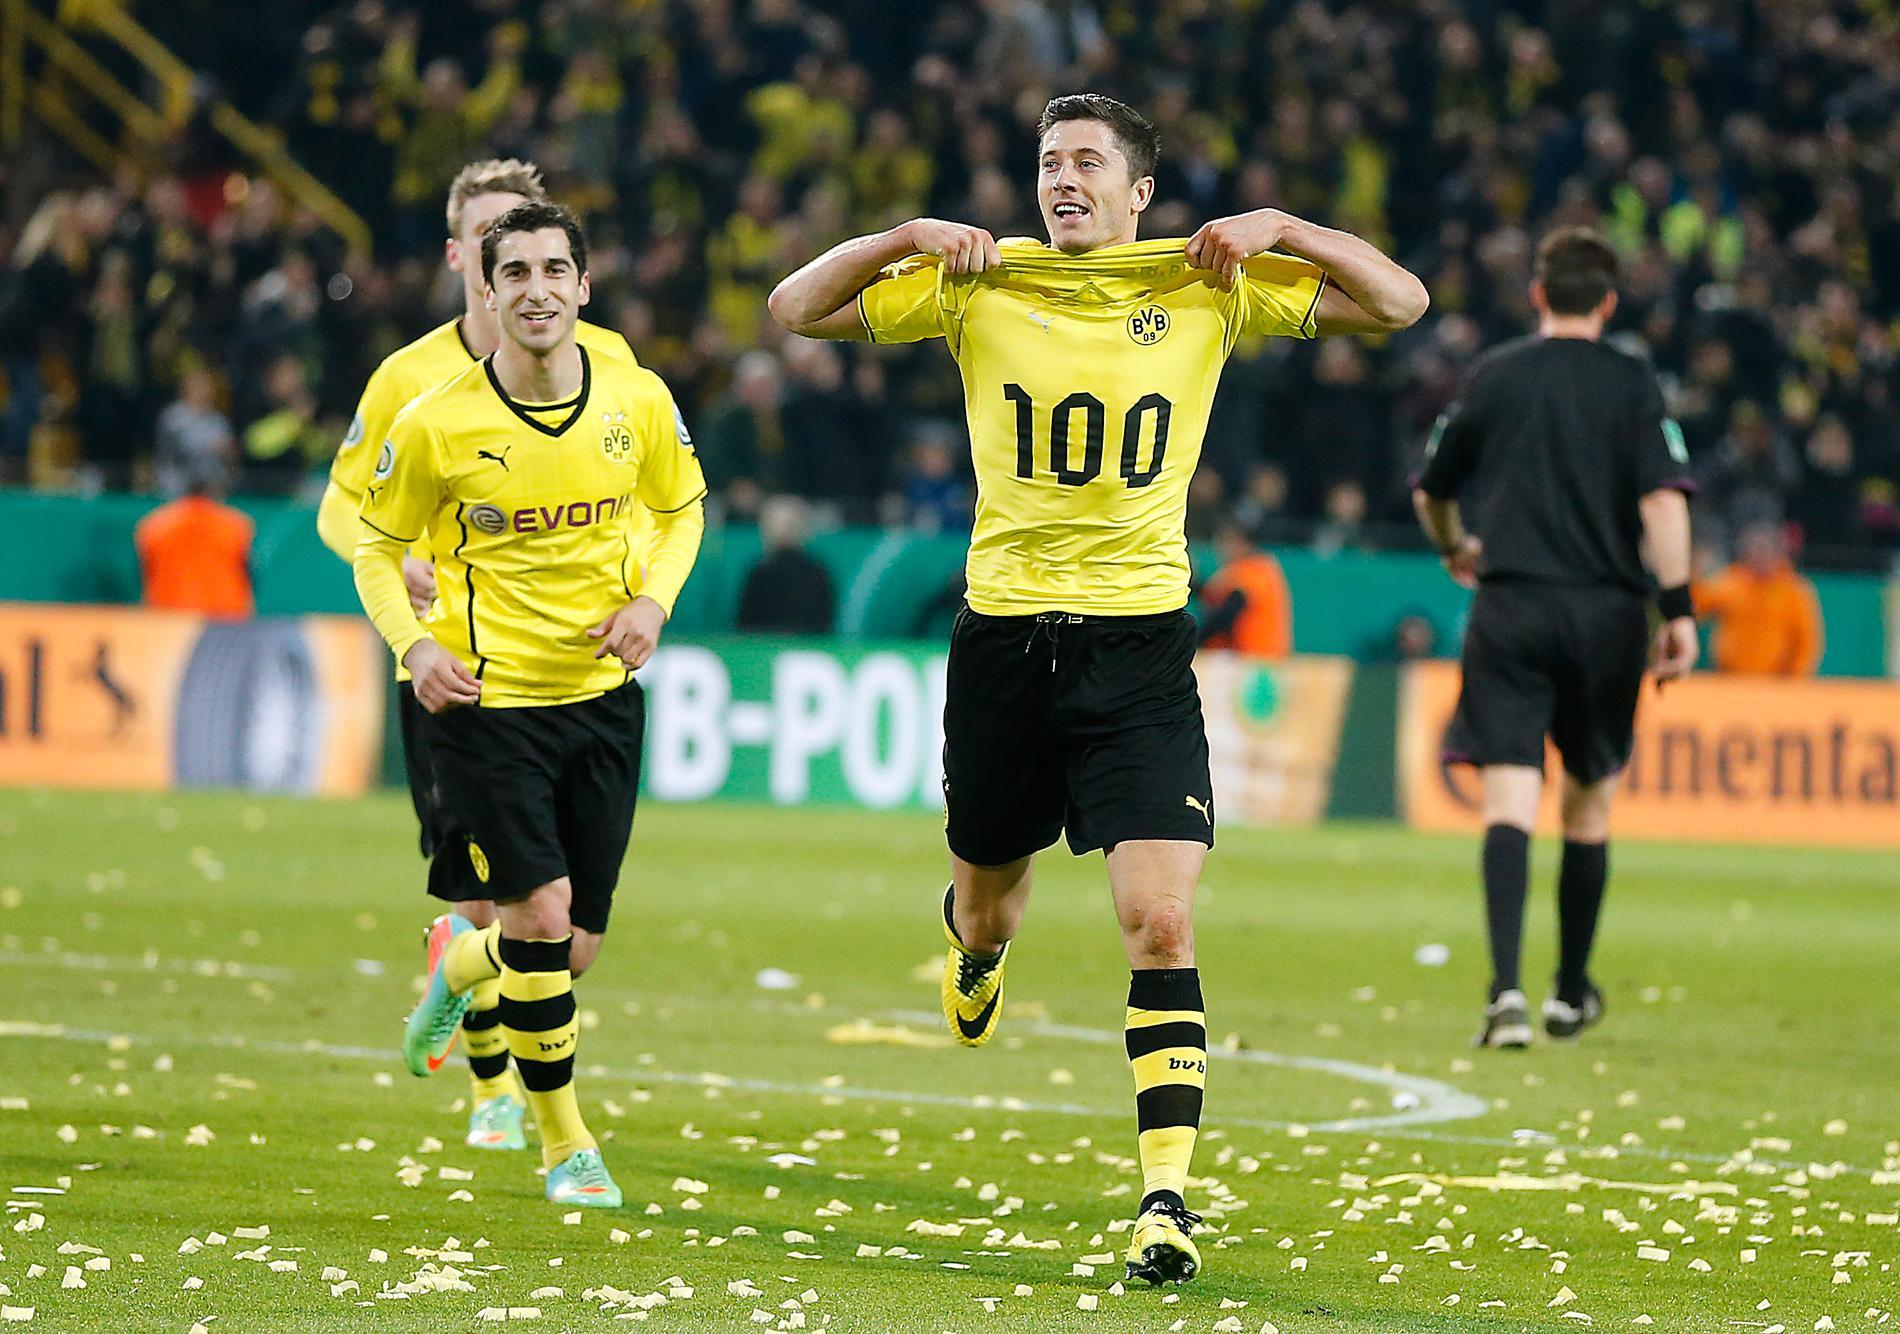 Lewandowski firar sitt 100:e mål för Dortmund.